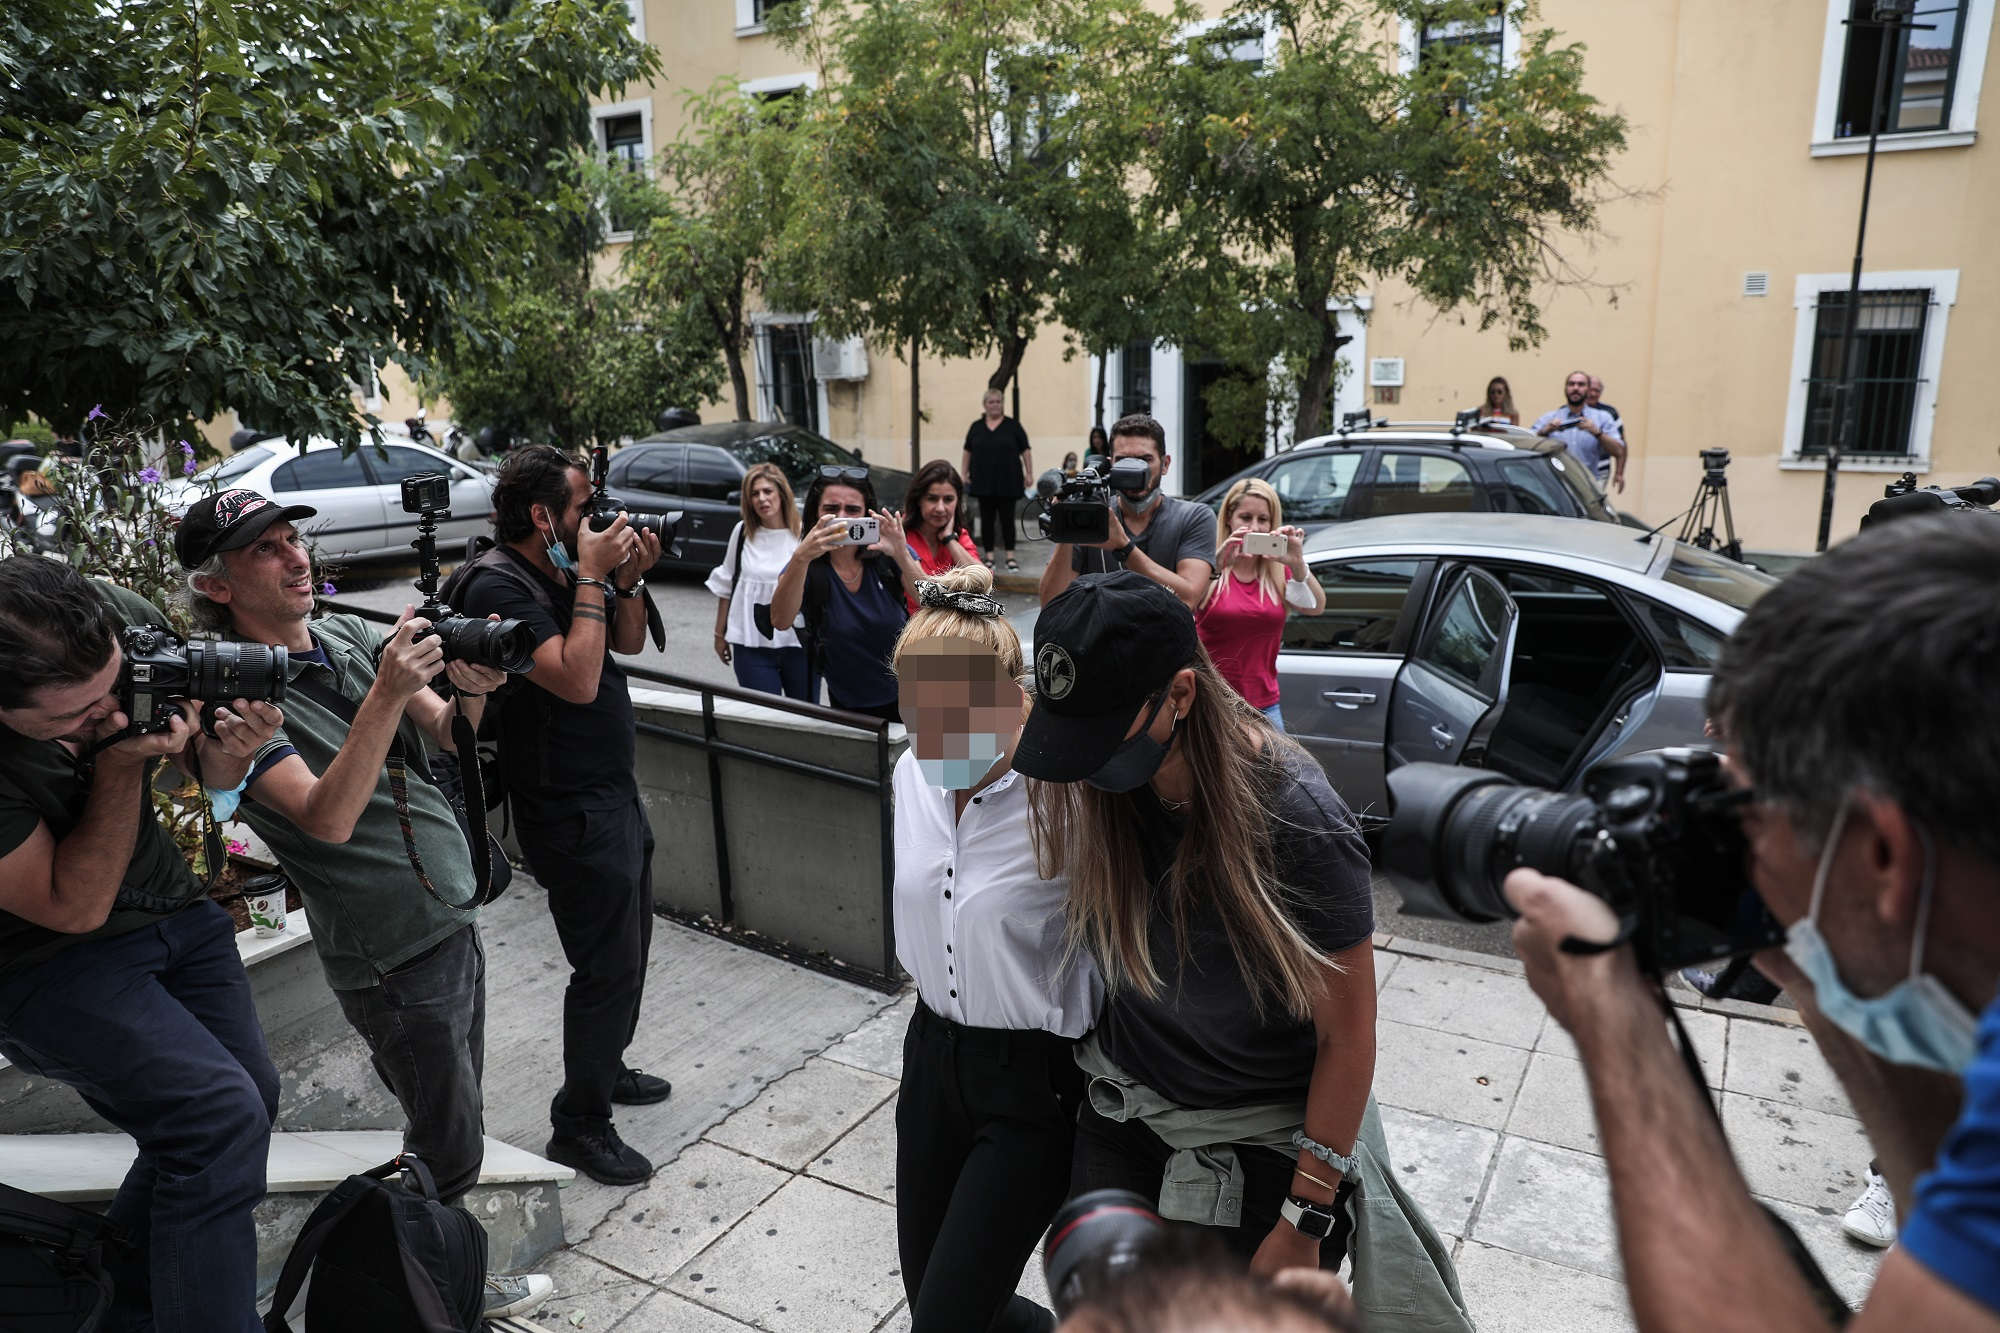 Ημέρα μνήμης η 14η Σεπτεμβρίου – Σαφές μήνυμα για την αποτρεπτική ισχύ της Ελλάδας (video)